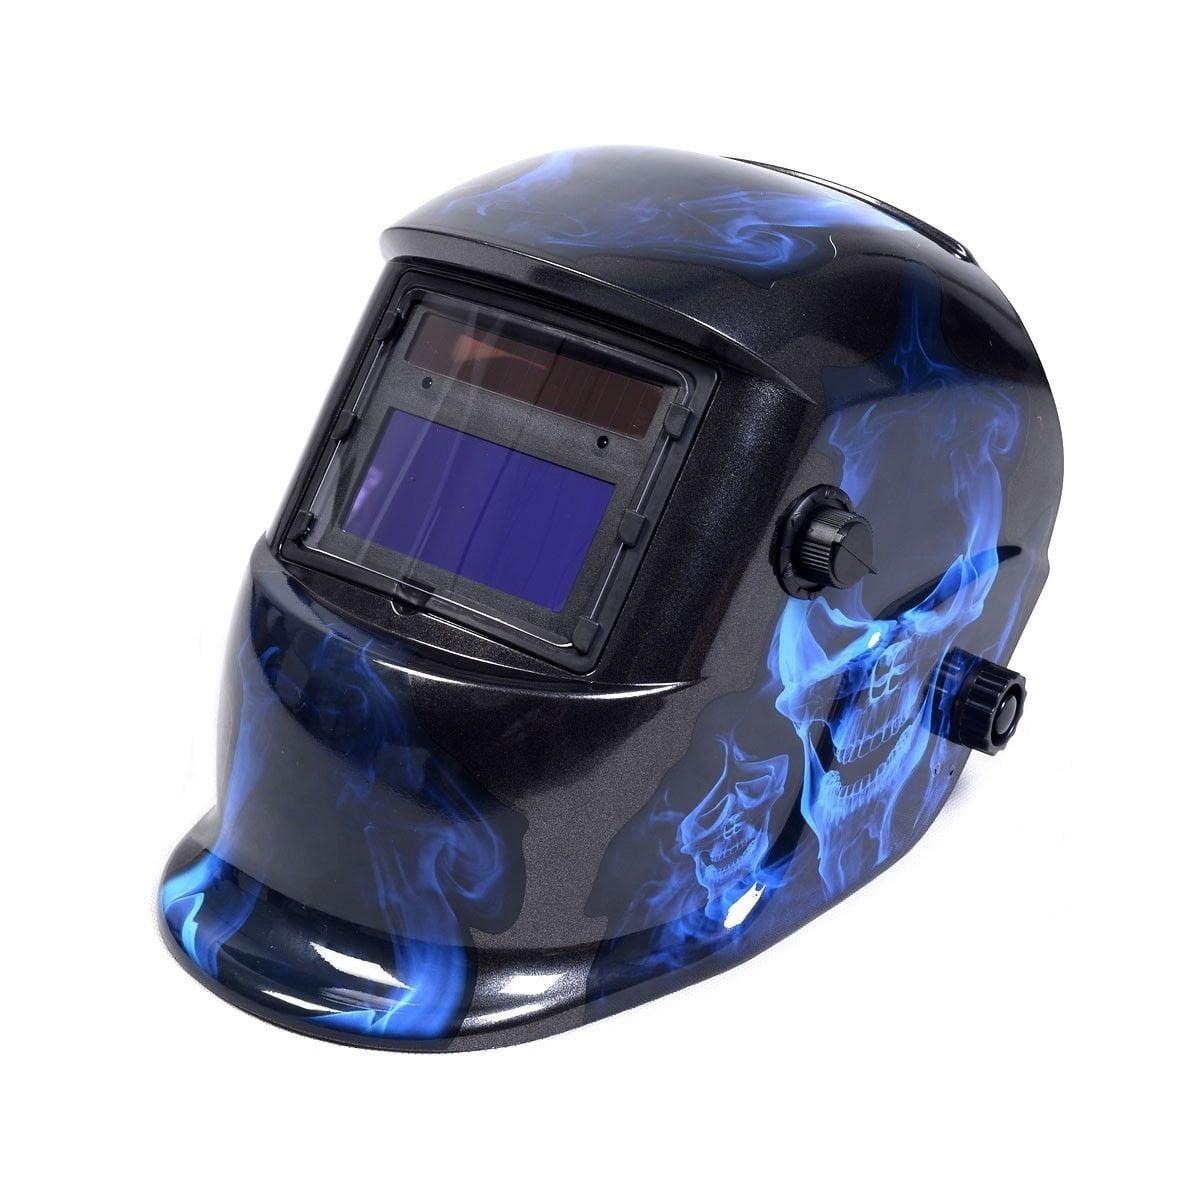 Tangkula Auto-darkening Solar Welder Mask Welding Helmet Skull Pattern - Walmart.com